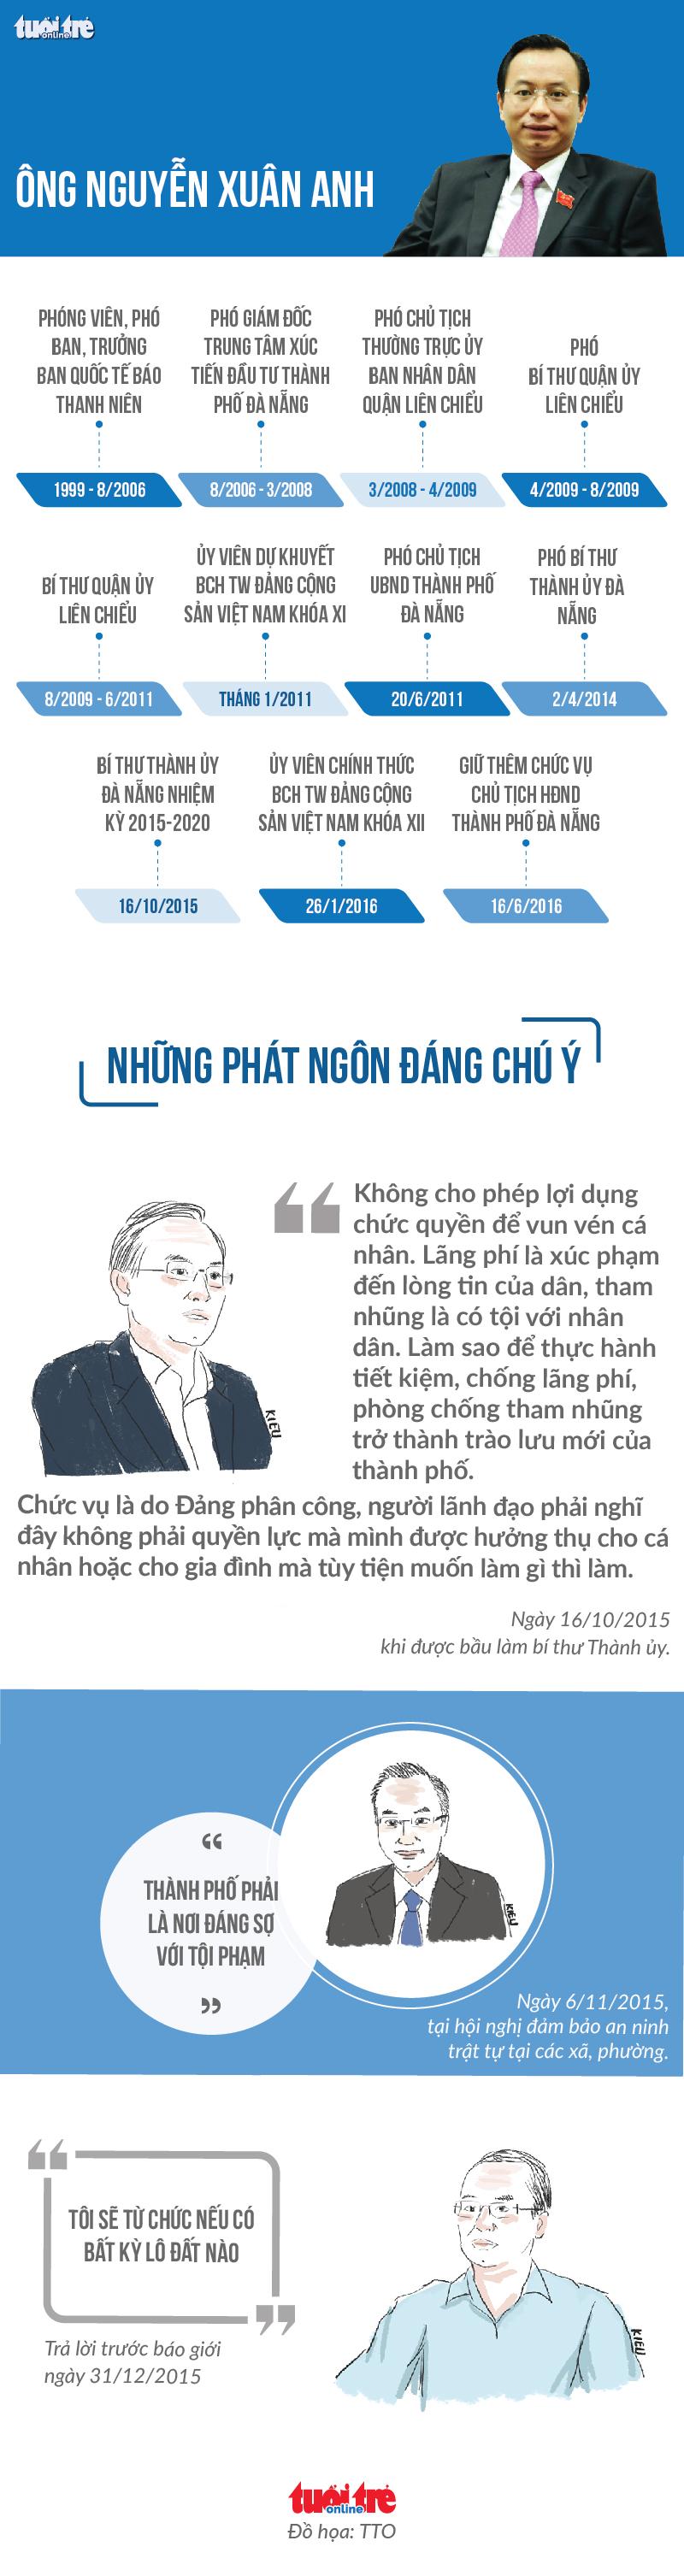 Công bố sai phạm của Bí thư Đà Nẵng Nguyễn Xuân Anh - Ảnh 3.